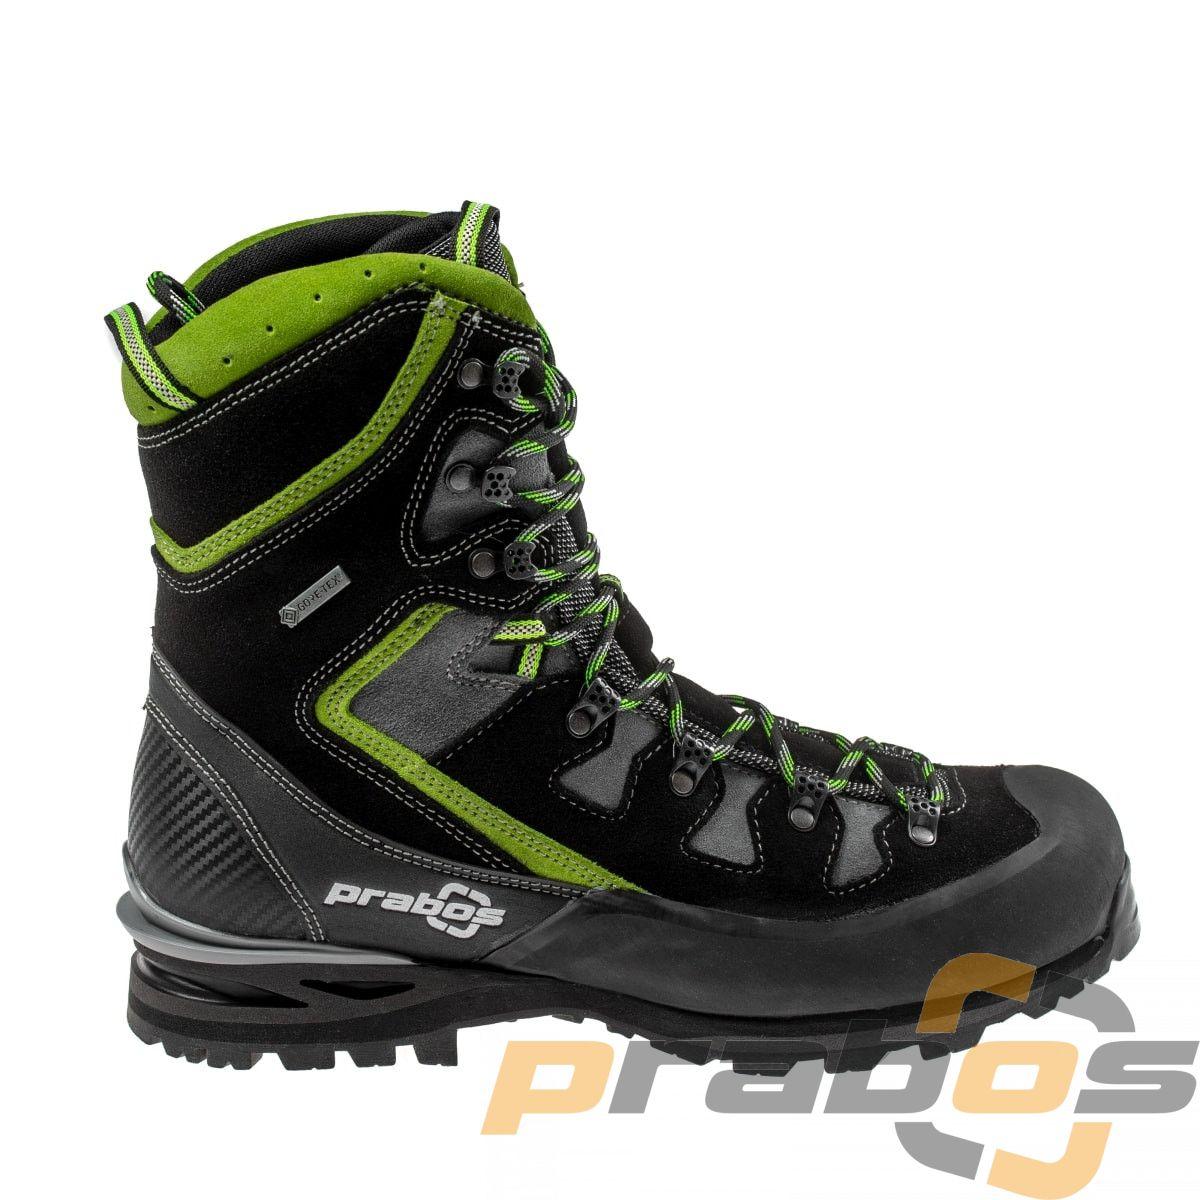 Buty GTX czy bez GTX. Jakie buty wojskowe wybrać?